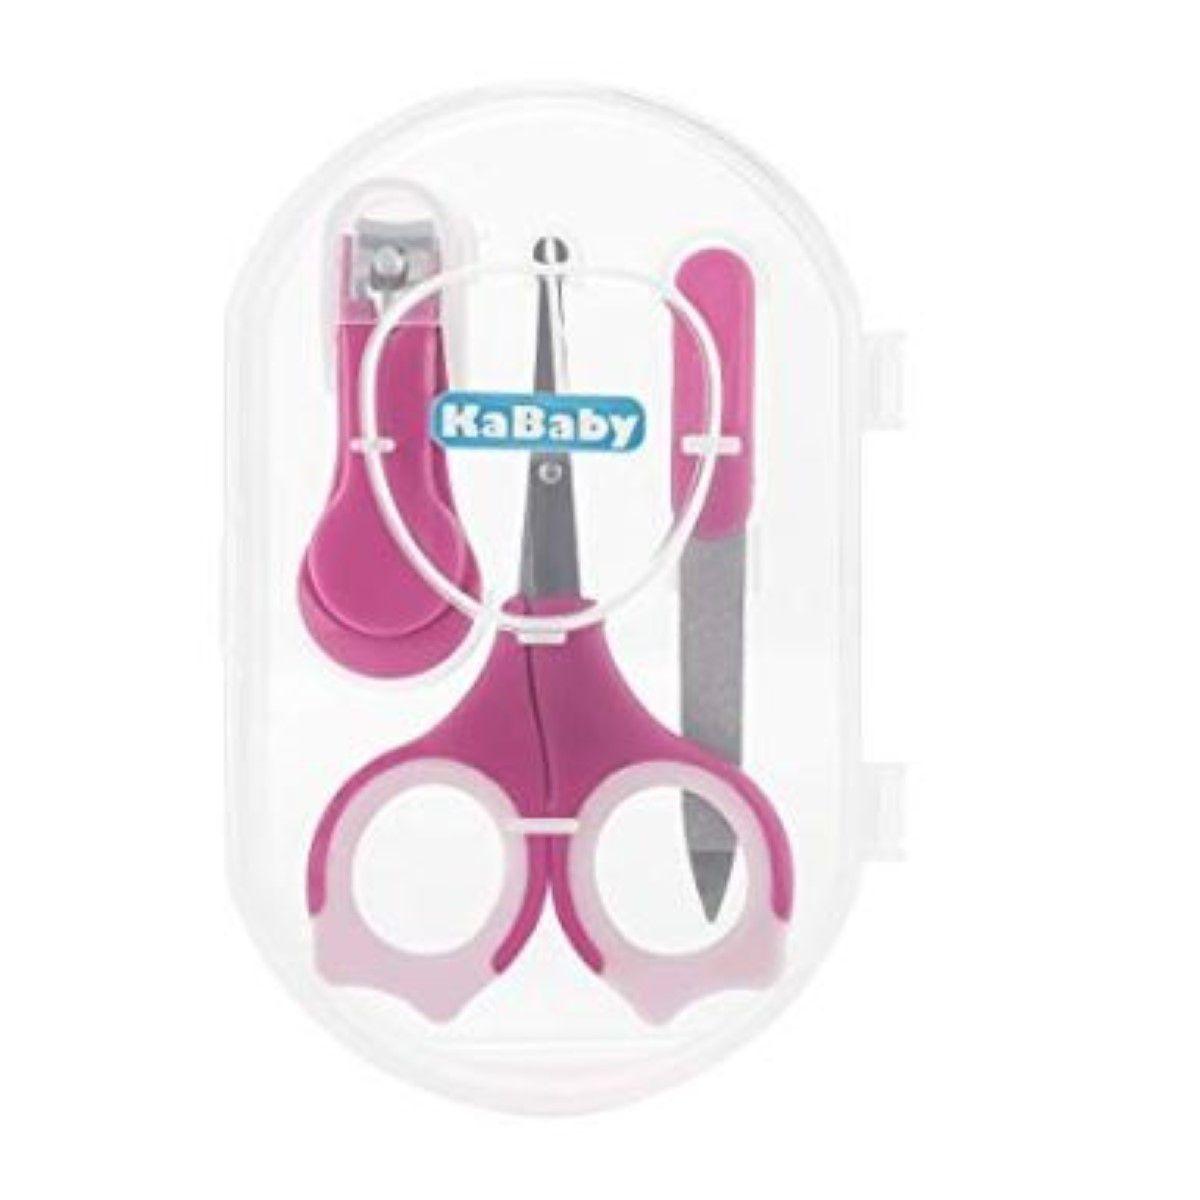 Kit Manicure Infantil Bebe Premium Rosa Kababy Conjunto Cuidados Com Bebe Acessorios De Higiene Cortador Tesoura Lixa .